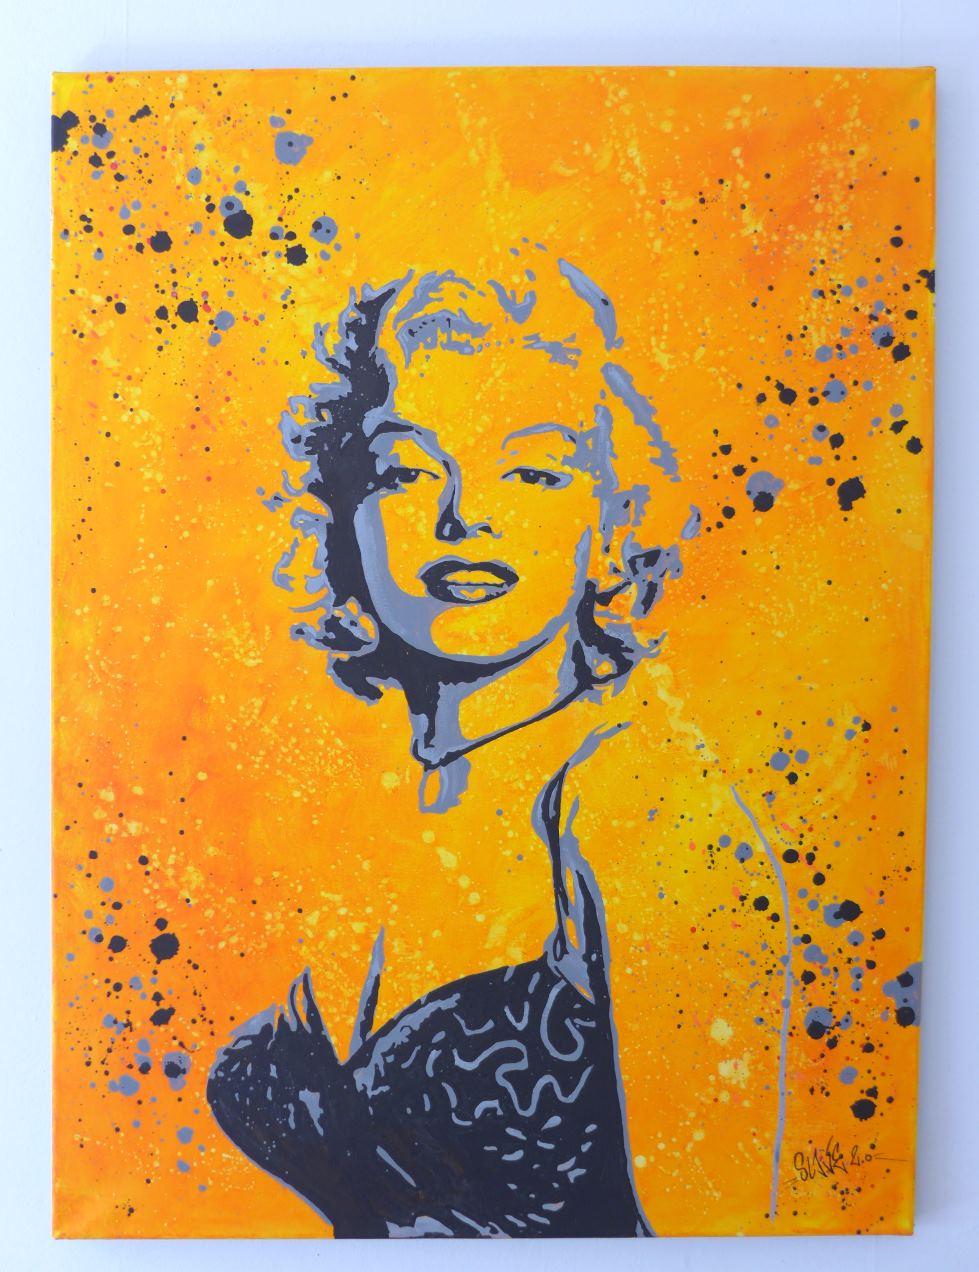 Tableau Street Art Marilyn Monroe sexy - slave 2.0